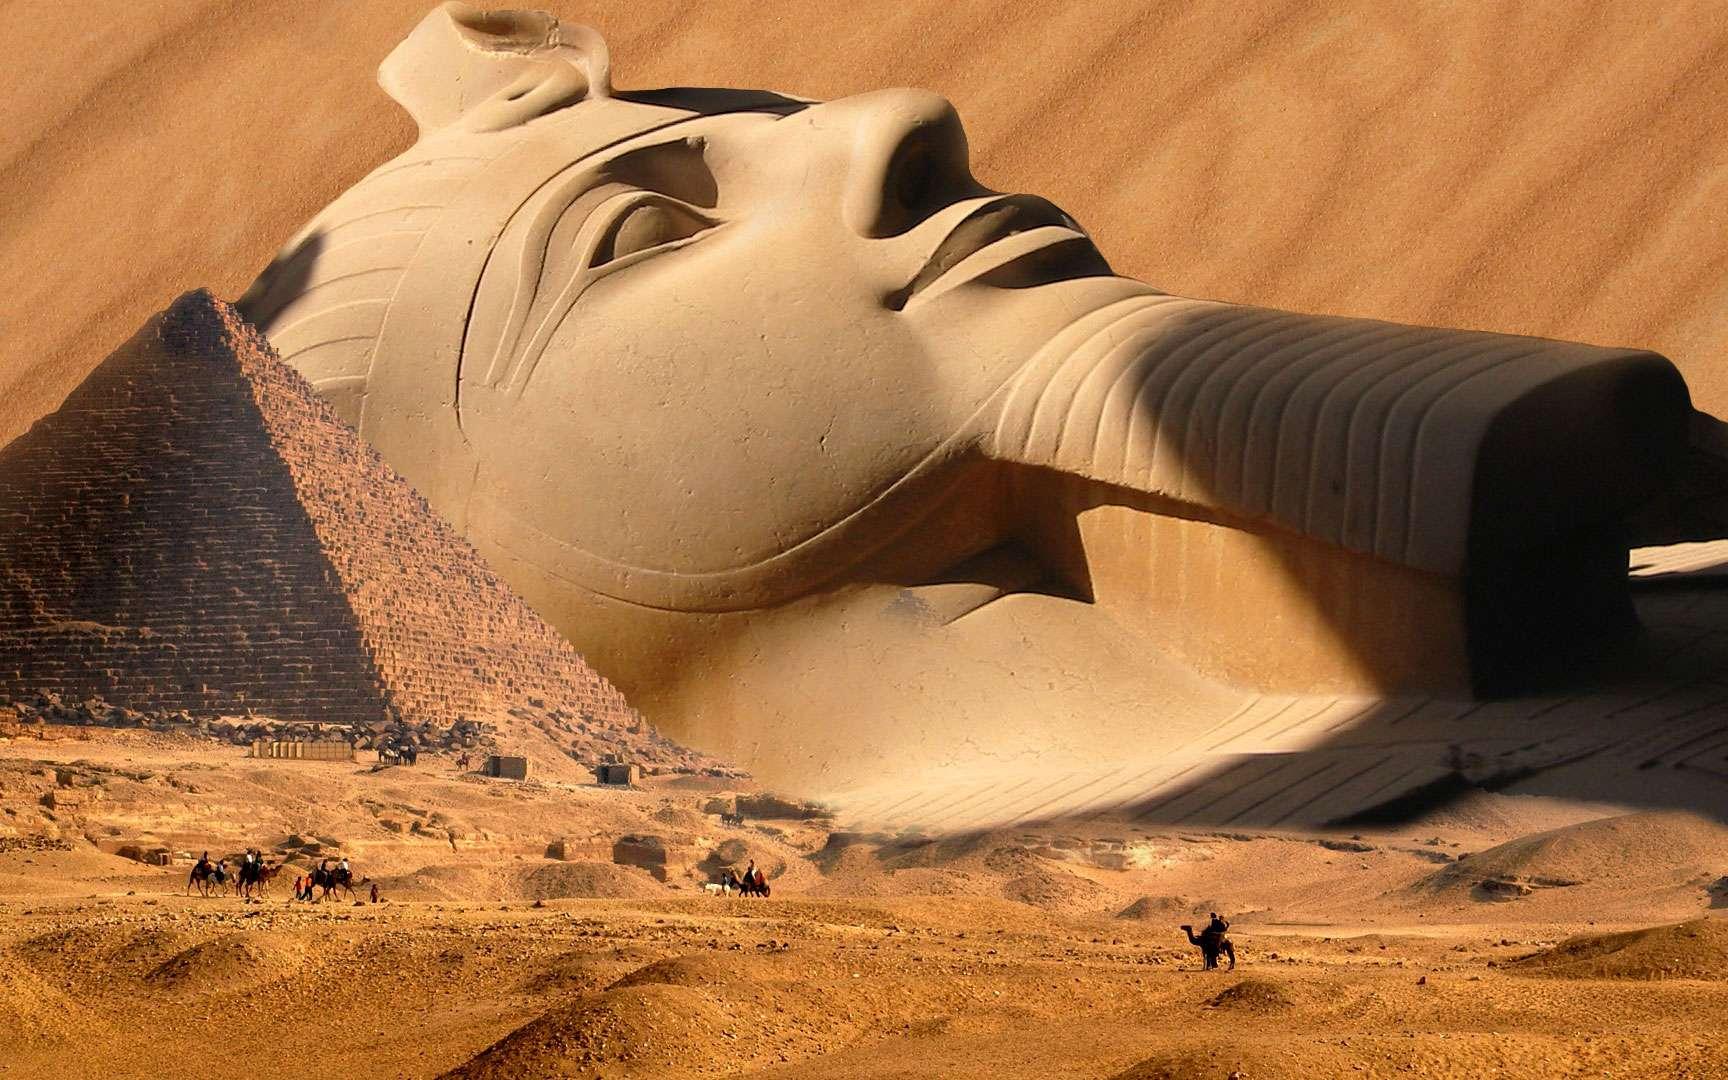 Ramsès II, un pharaon emblématique. D'après les textes anciens, Ramsès II était un pharaon à la fois diplomate, colonisateur et législateur. Son œuvre architecturale est immense : il a fait bâtir des sculptures et des temples à travers tout le pays, dont les nombreux vestiges jalonnent encore la vallée du Nil. Les plus célèbres sont sans doute les temples d'Abou Simbel. © tomamico, Flickr, cc by nc sa 2.0 © Dominik Knippel, Wikimedia Commons, cc by sa 3.0